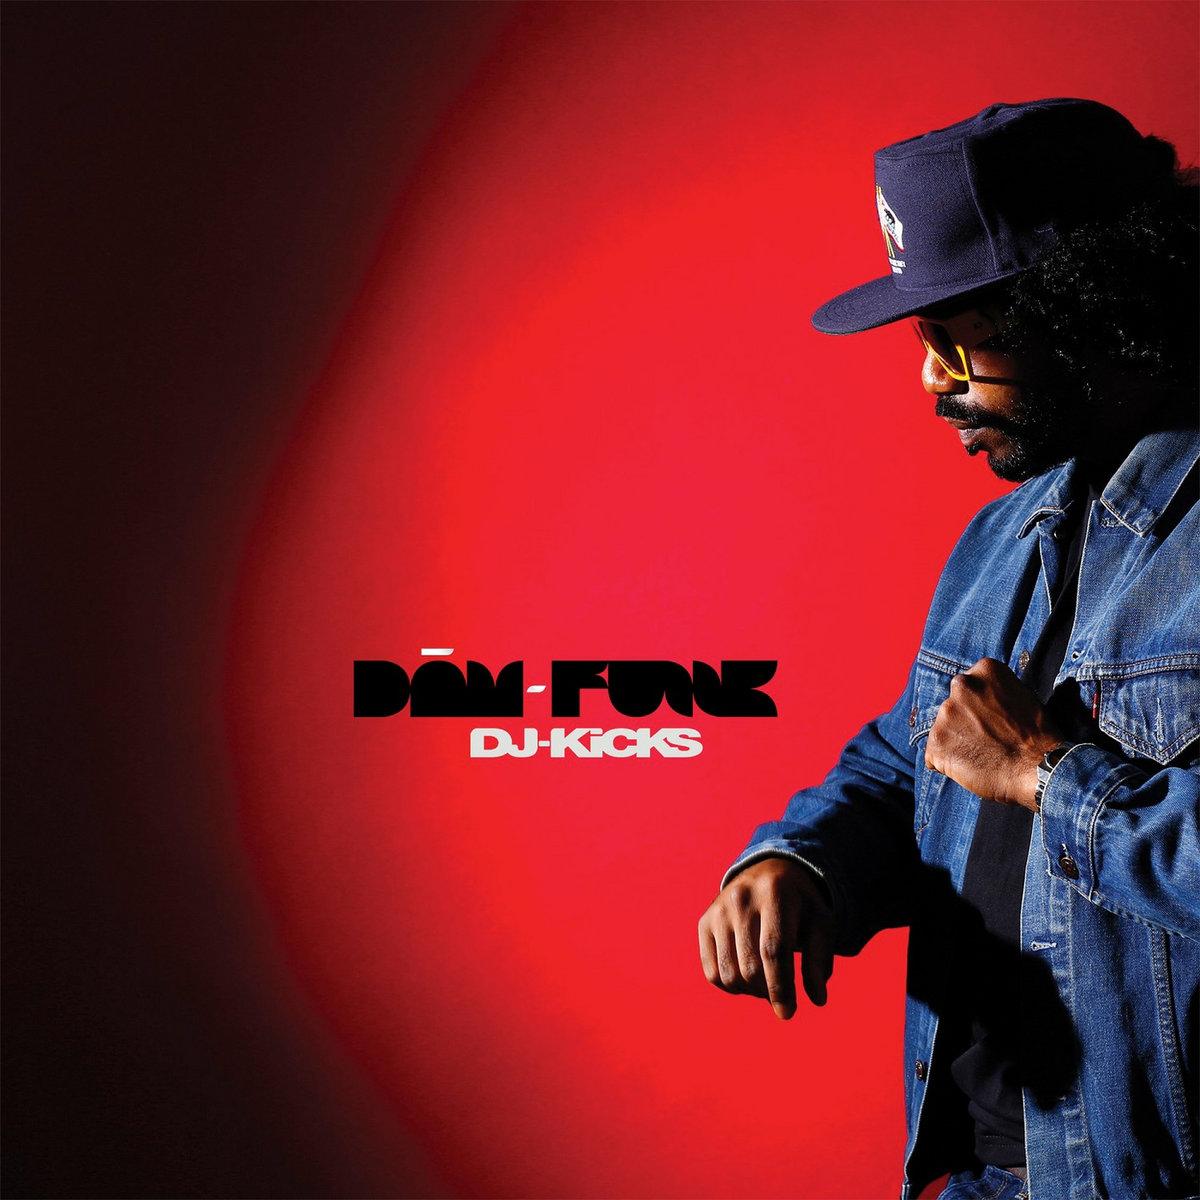 DJ-Kicks (DaM-FunK) | DaM-FunK